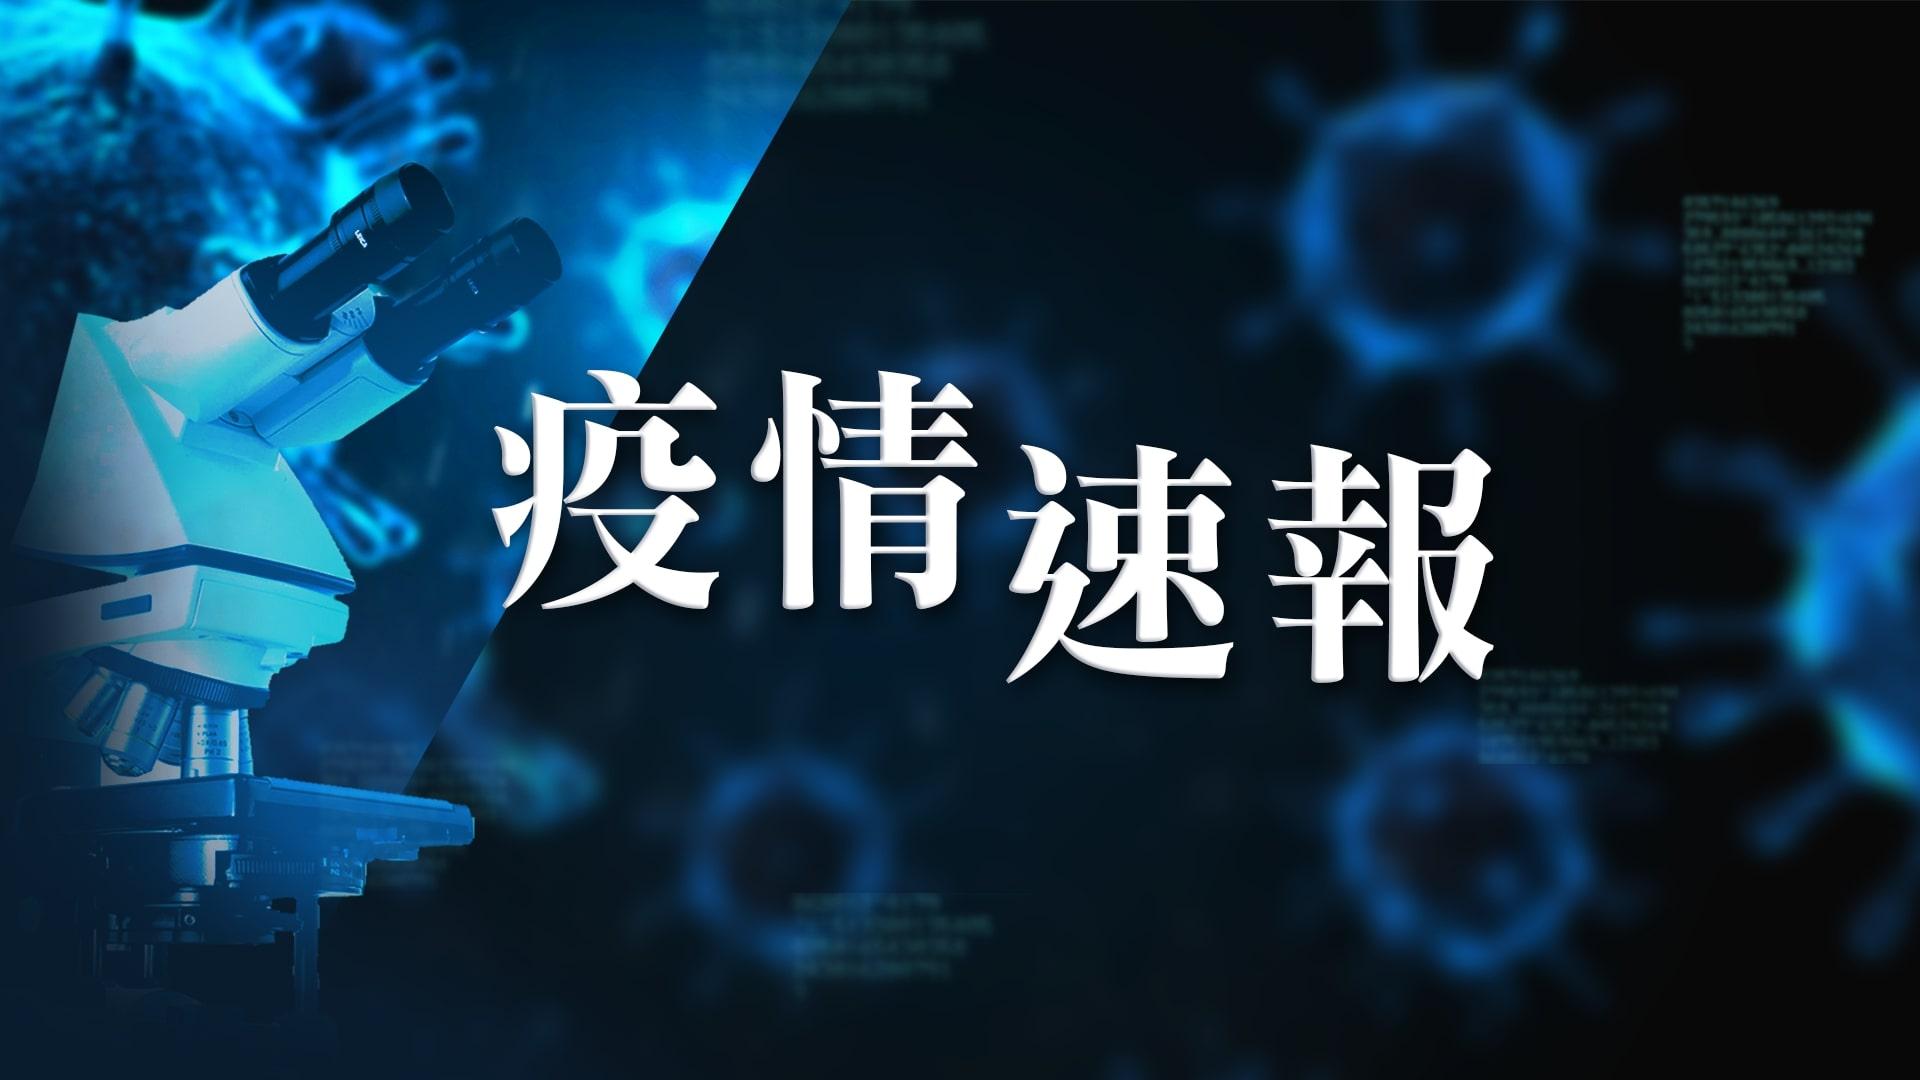 【3月25日疫情速報】(23:25)